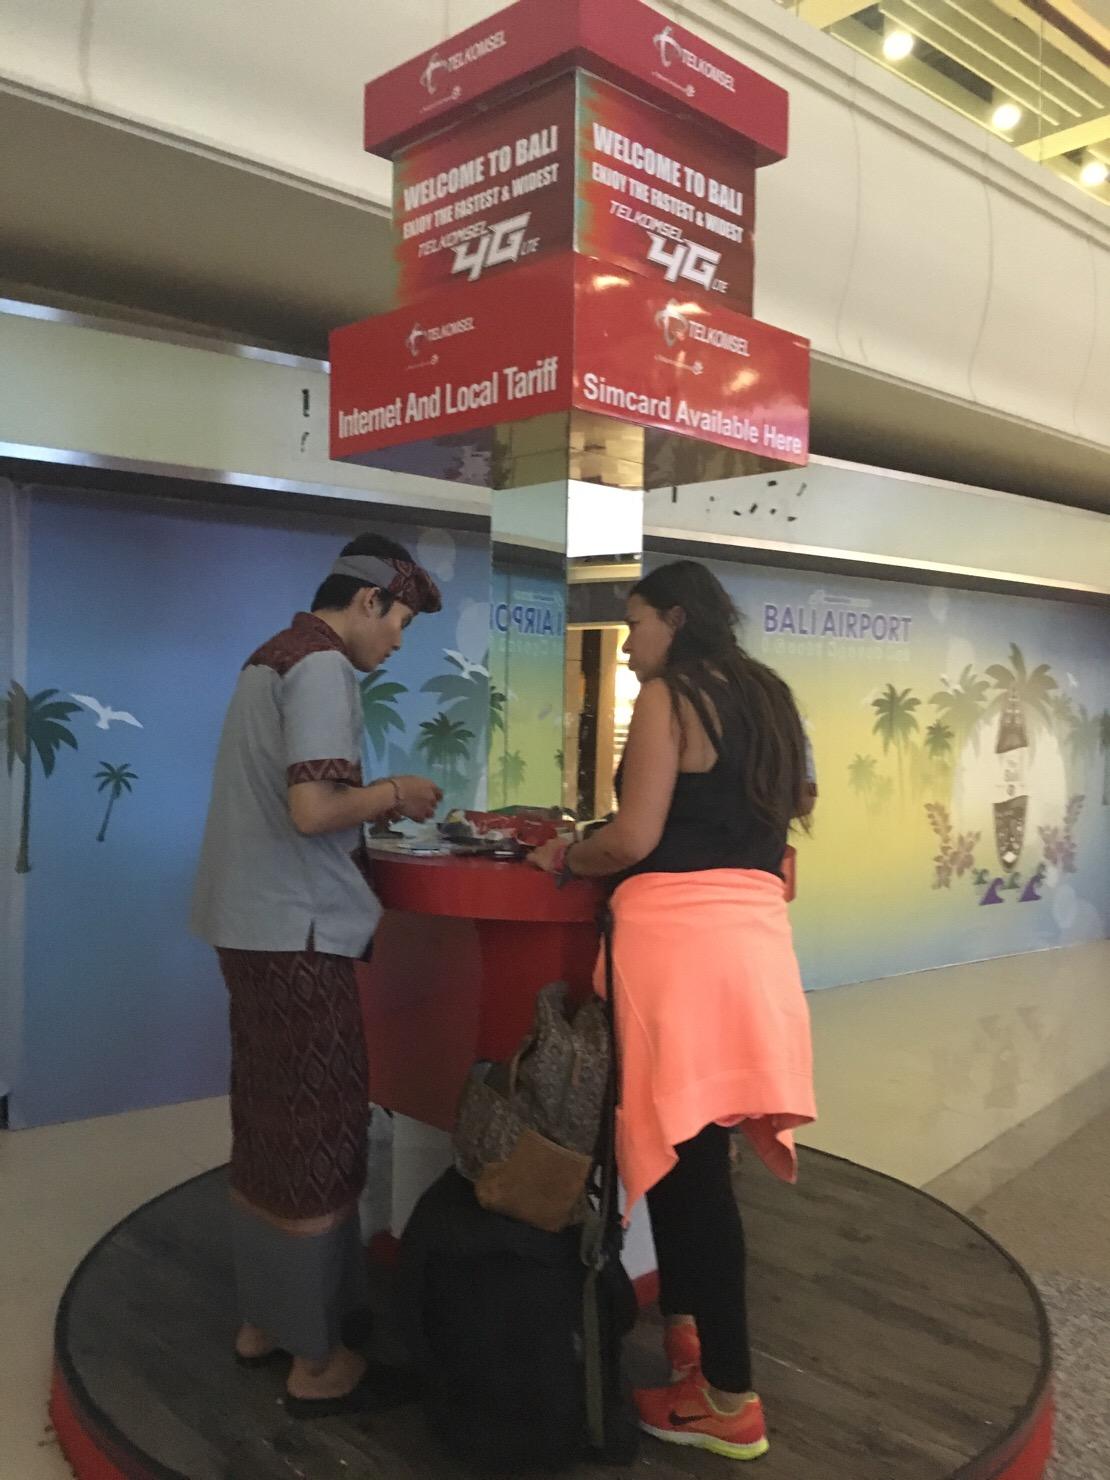 デンパサール空港 telkom sim